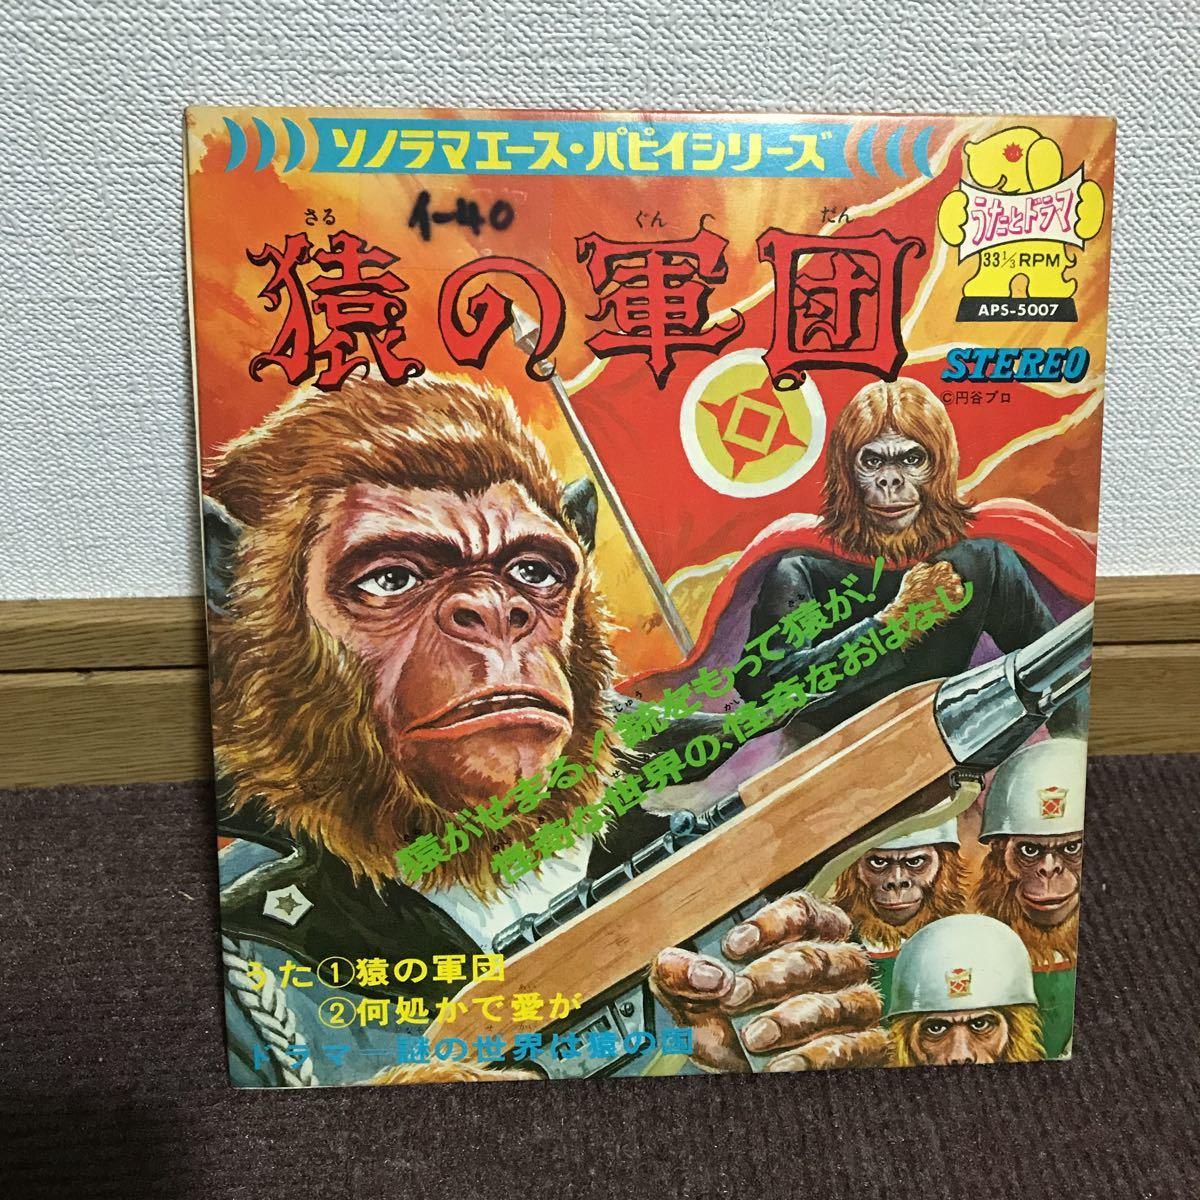 中古 猿の軍団 レコード ソノラマエース パピイシリーズ 朝日ソノラマ_画像1